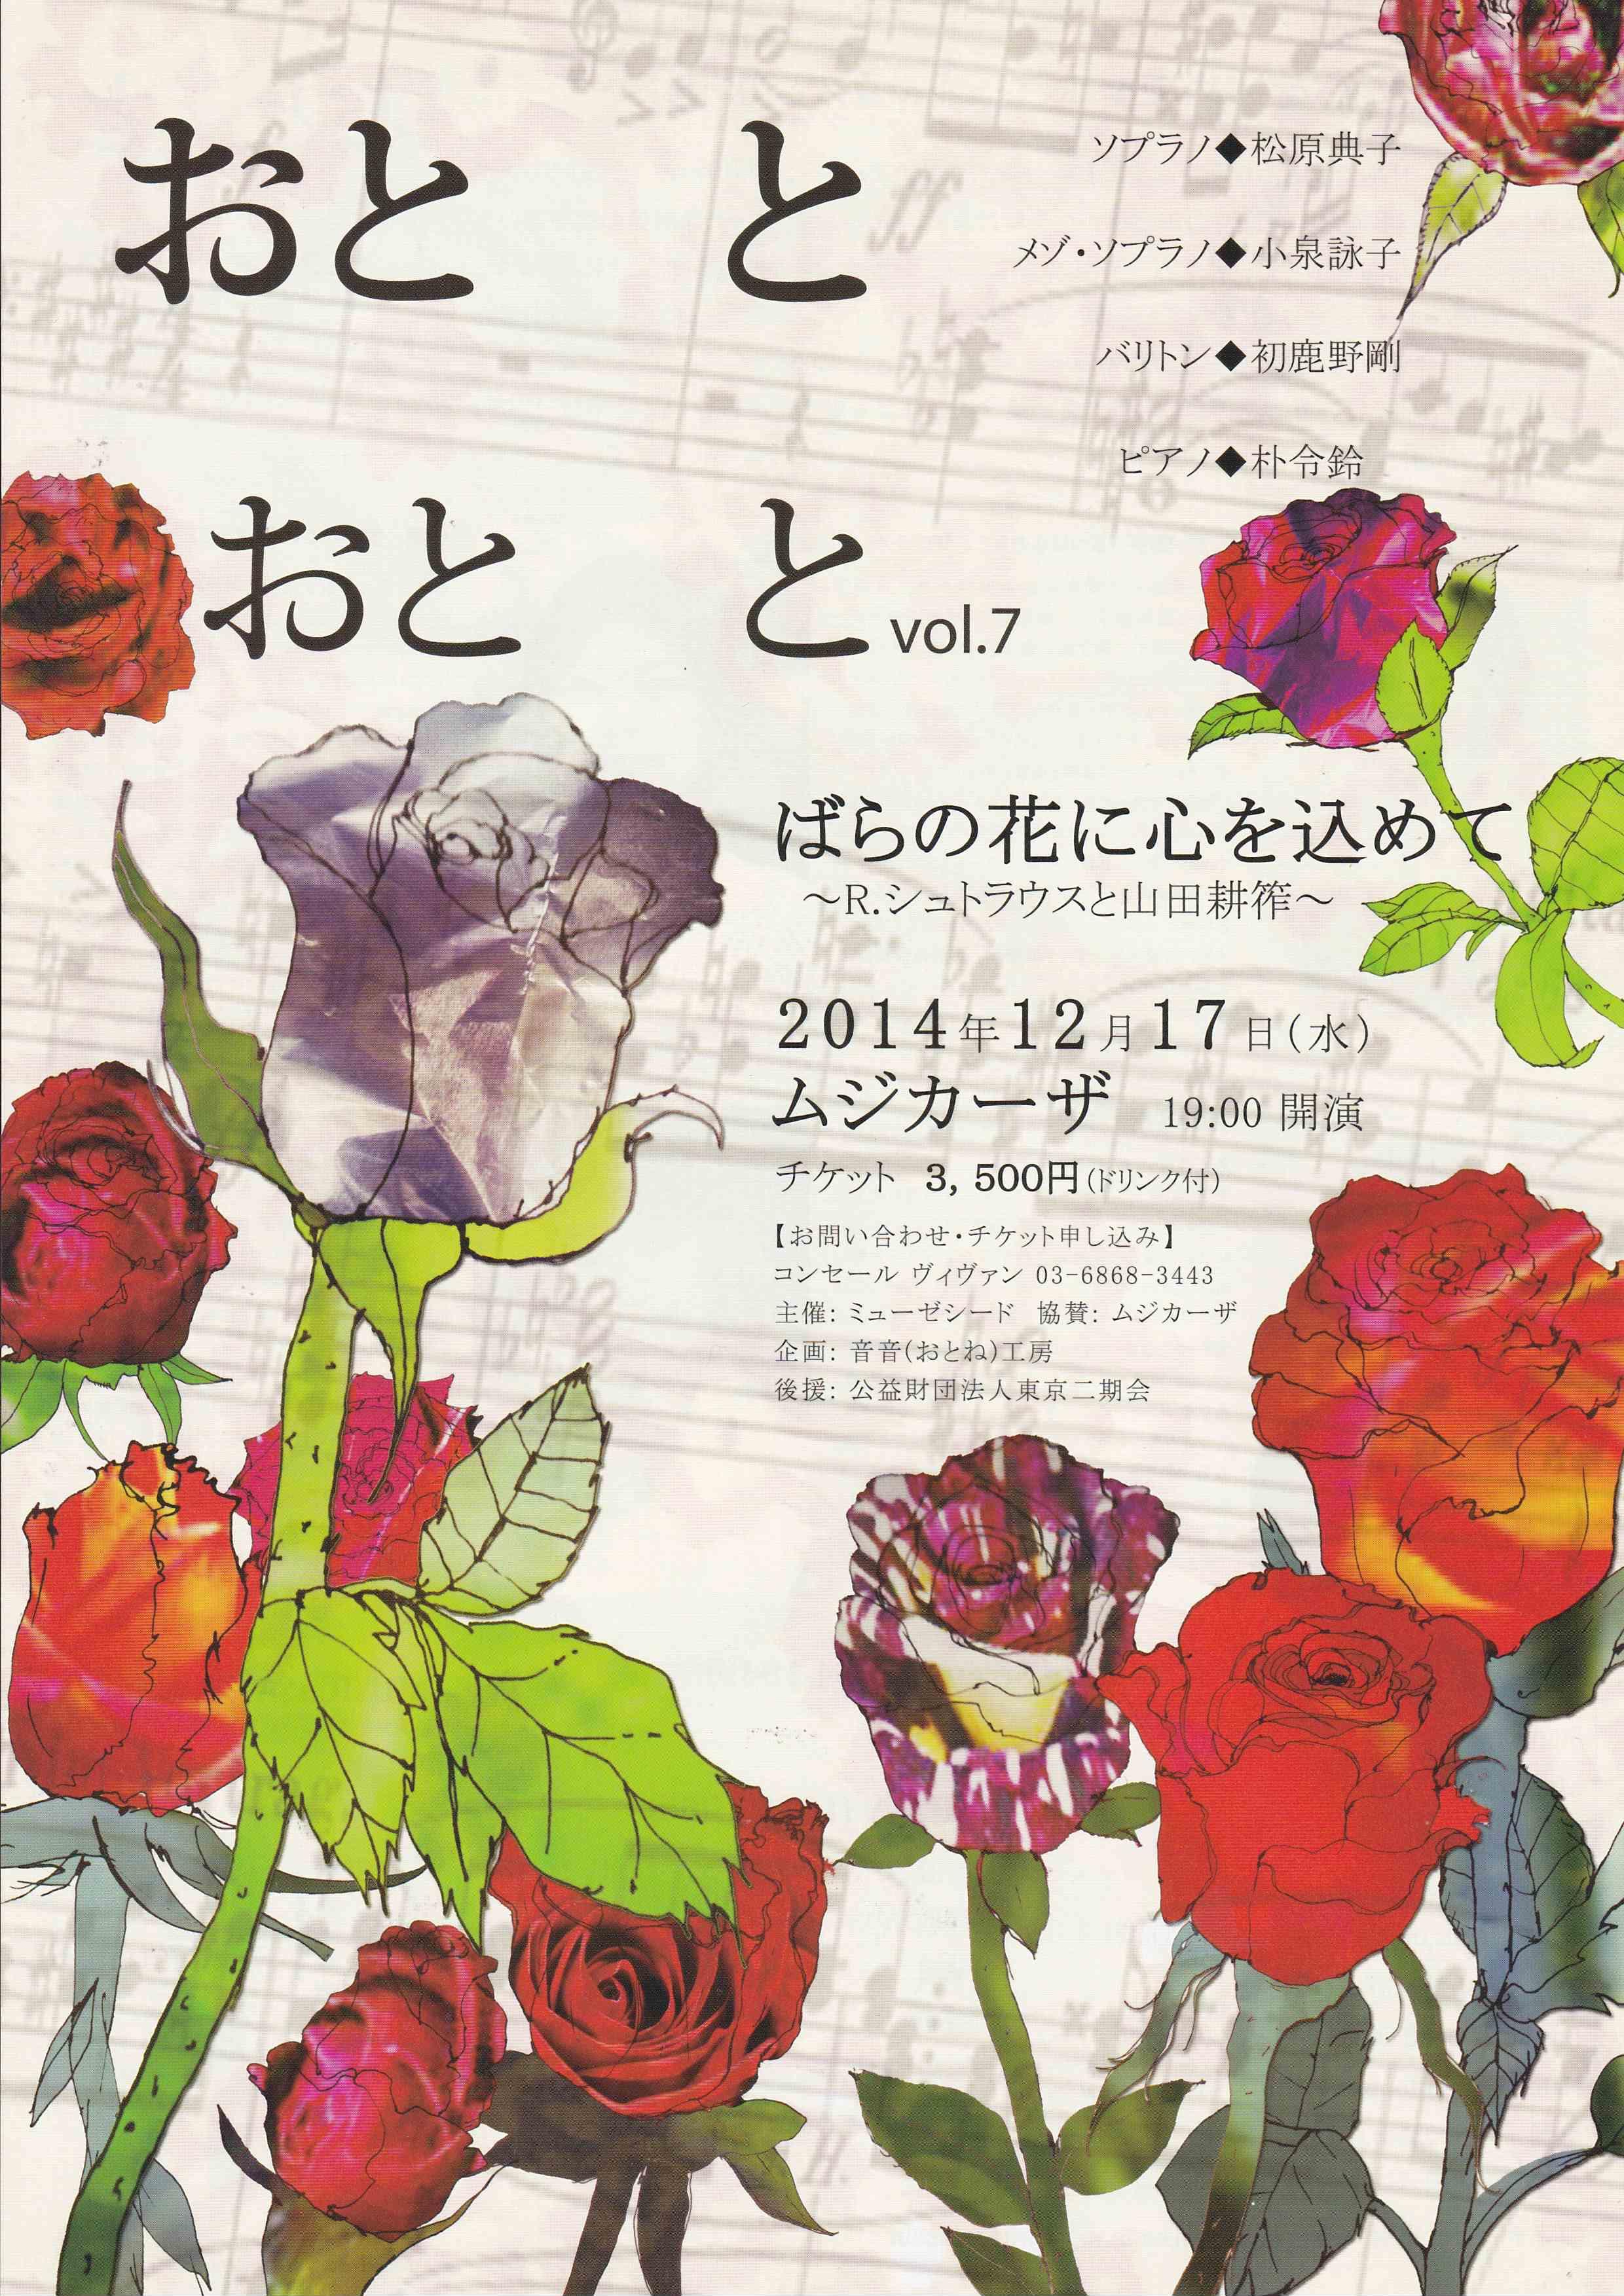 おととおとと vol.7 ばらの花に心を込めて